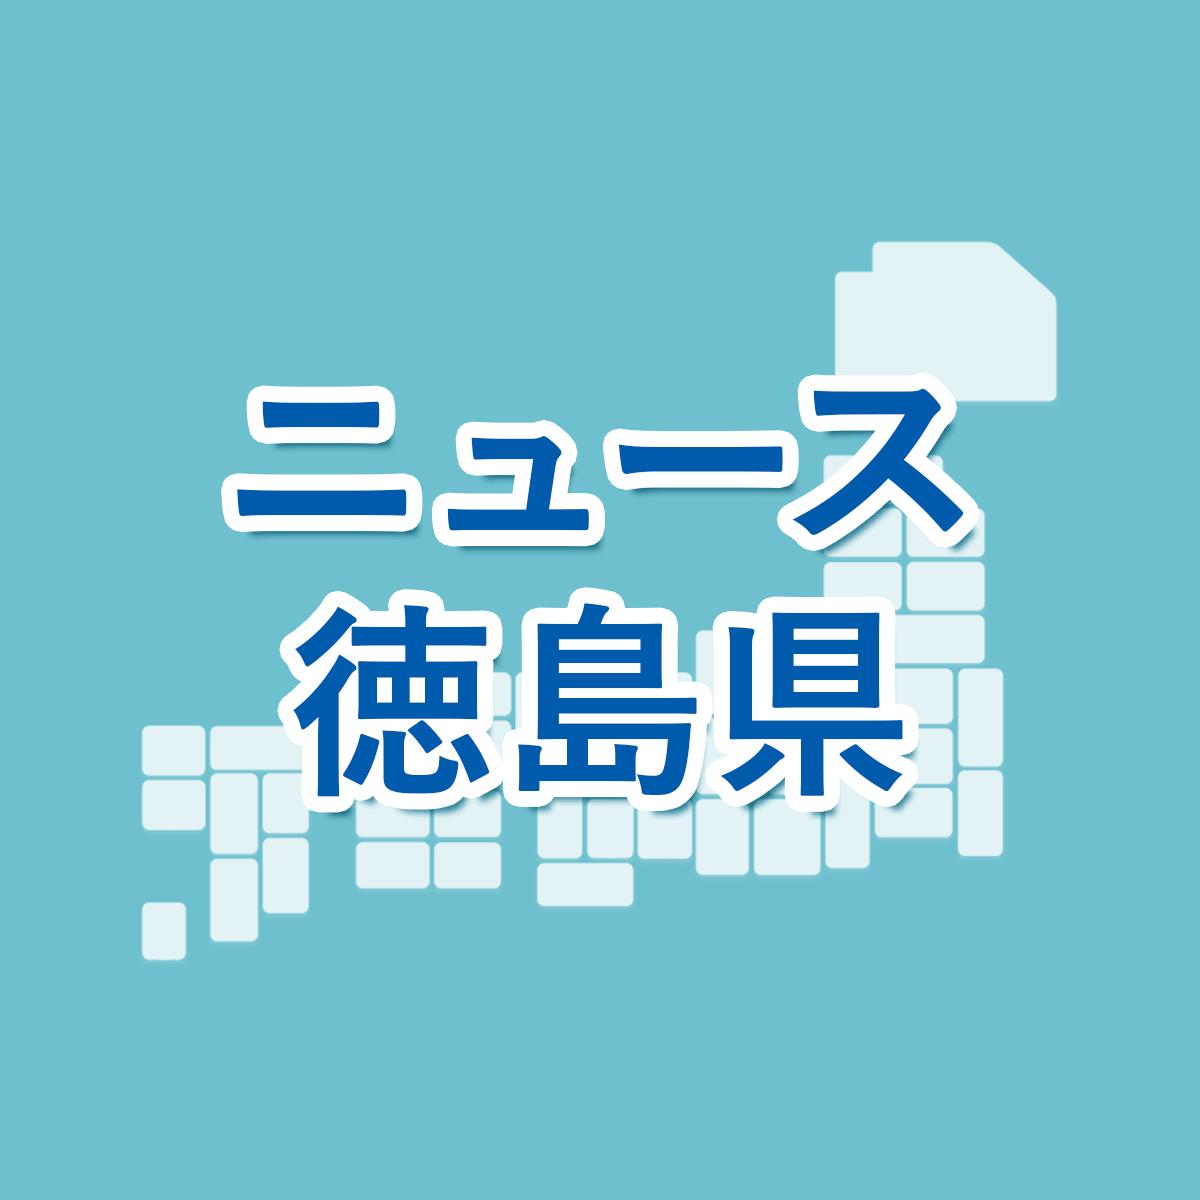 情報 徳島 倒産